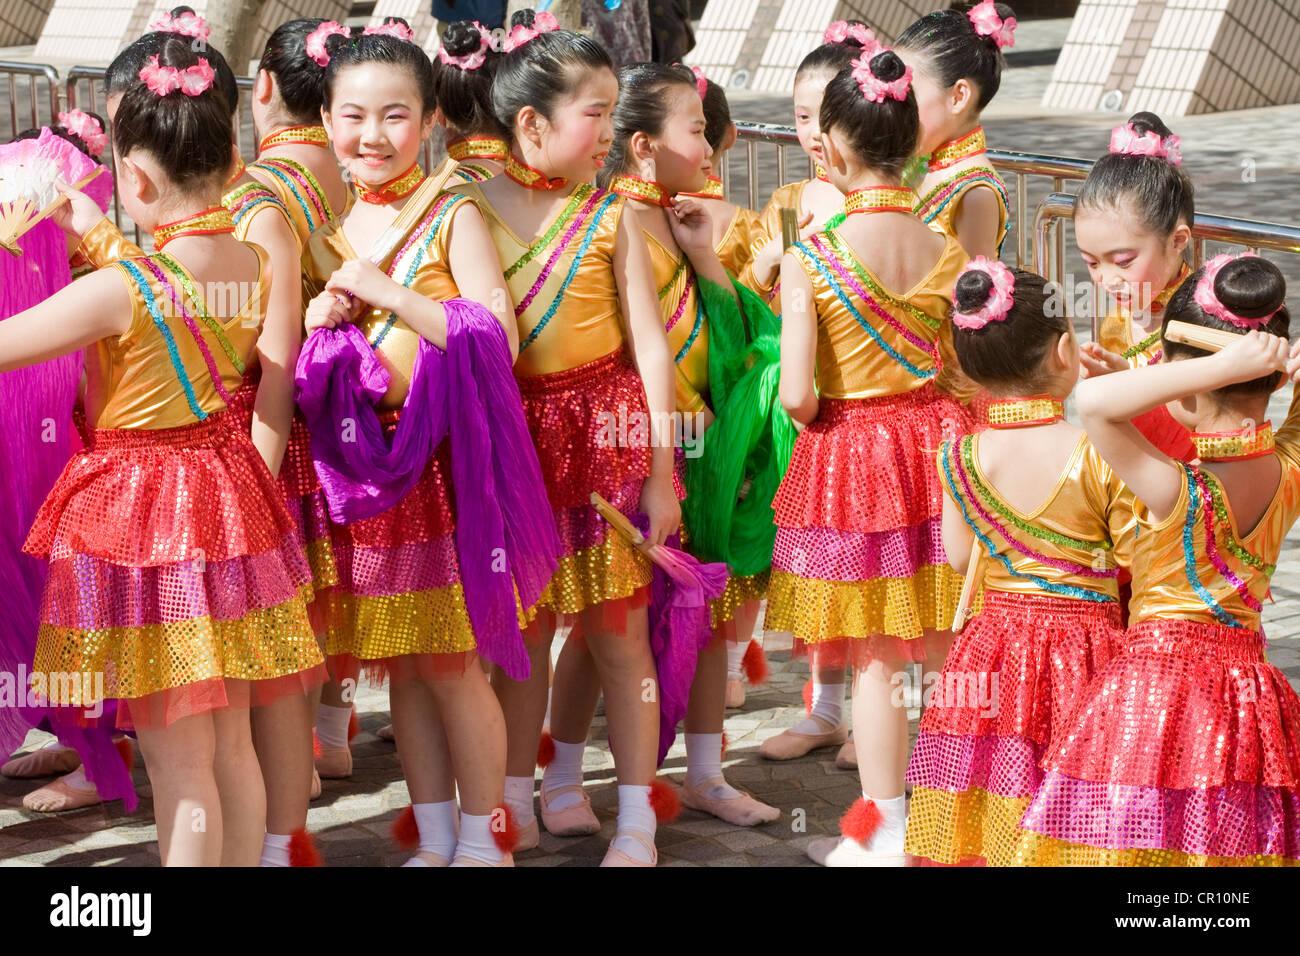 China, Hong Kong, folkloric festival - Stock Image